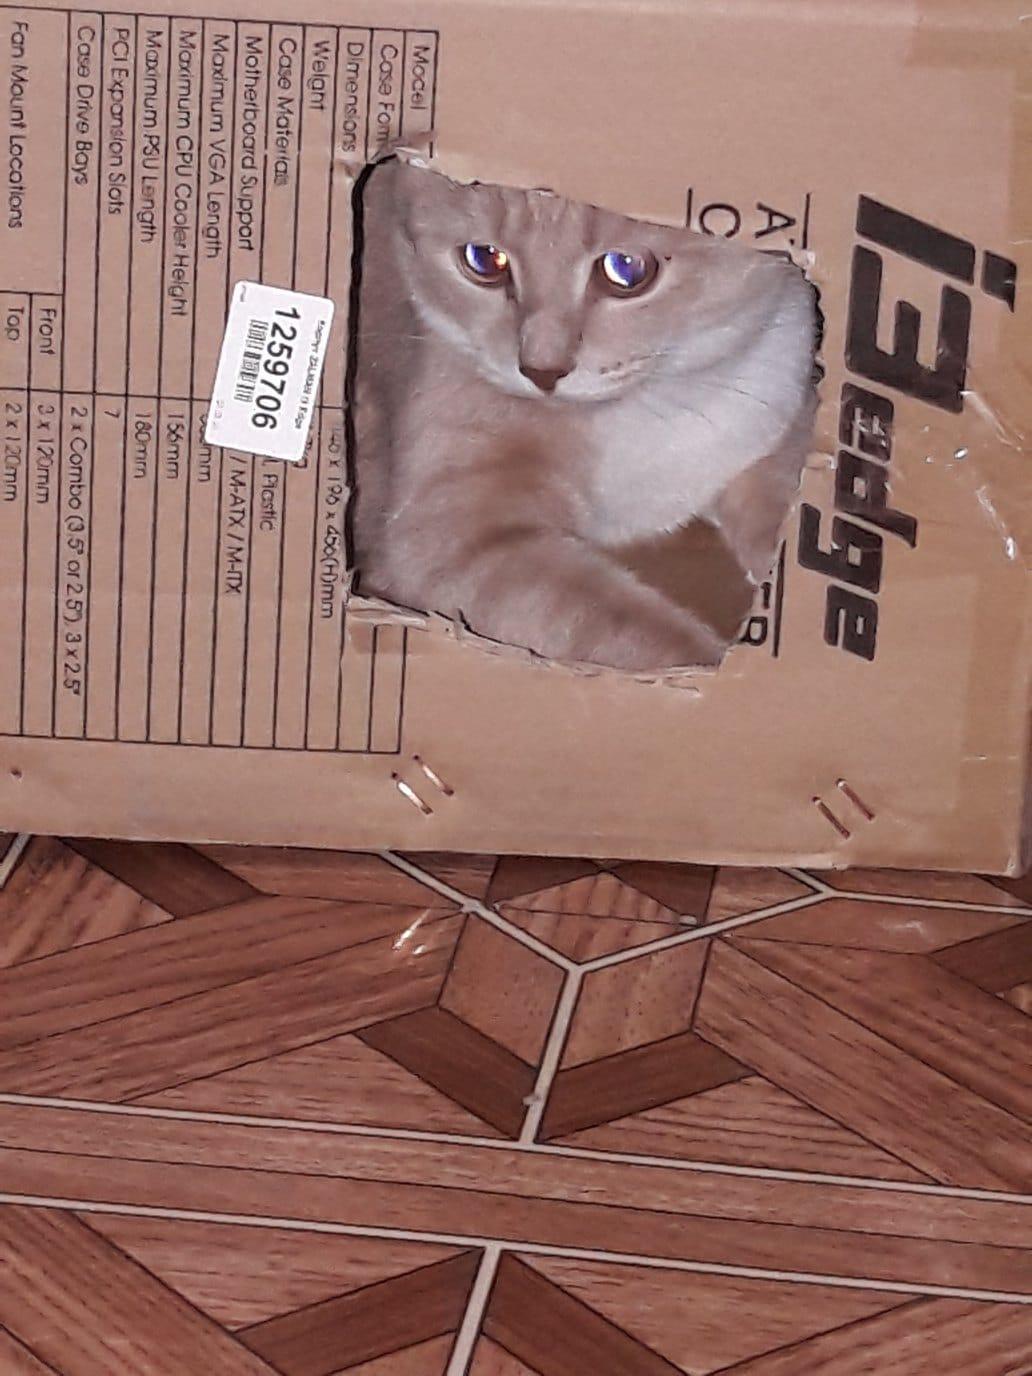 Трое в доме, не считая людей. Коты-бандиты могут уничтожить квартиру, но хозяева в них души не чают